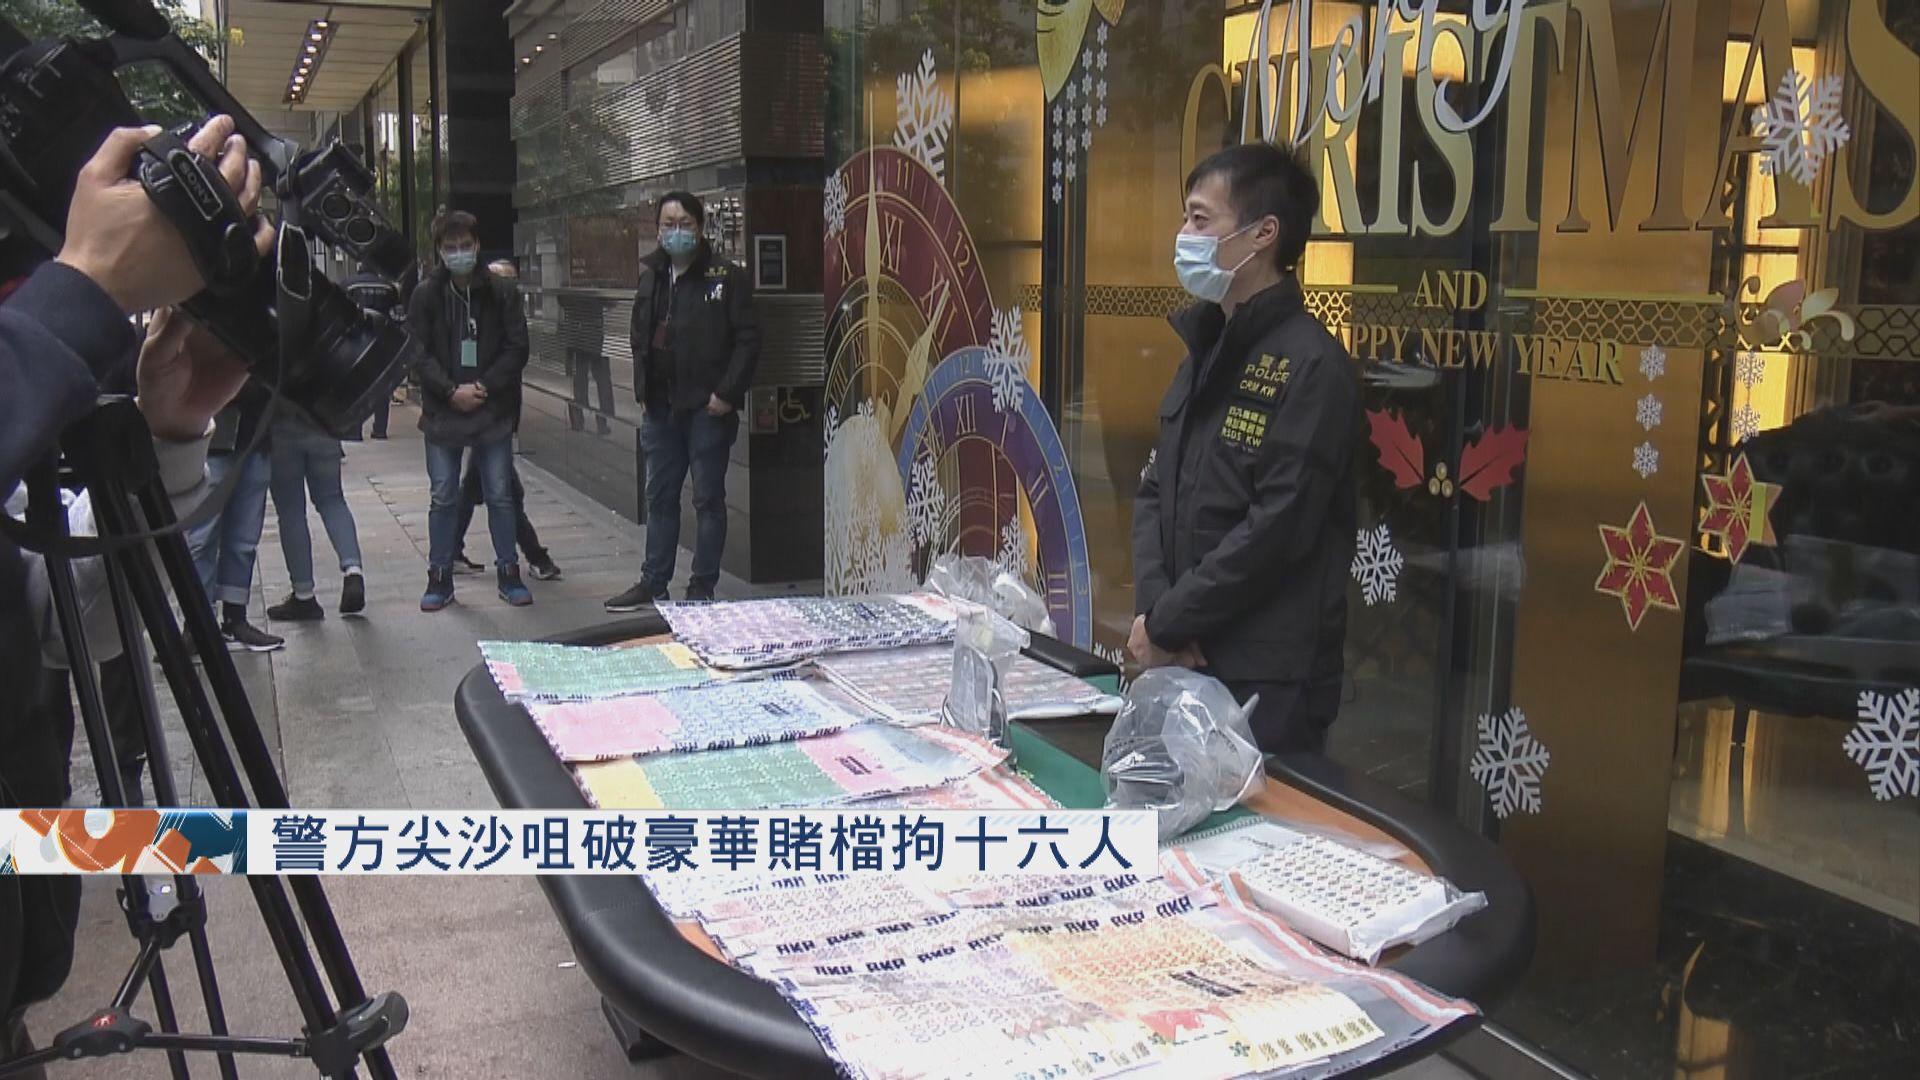 警方於尖沙咀破豪華賭檔拘16人